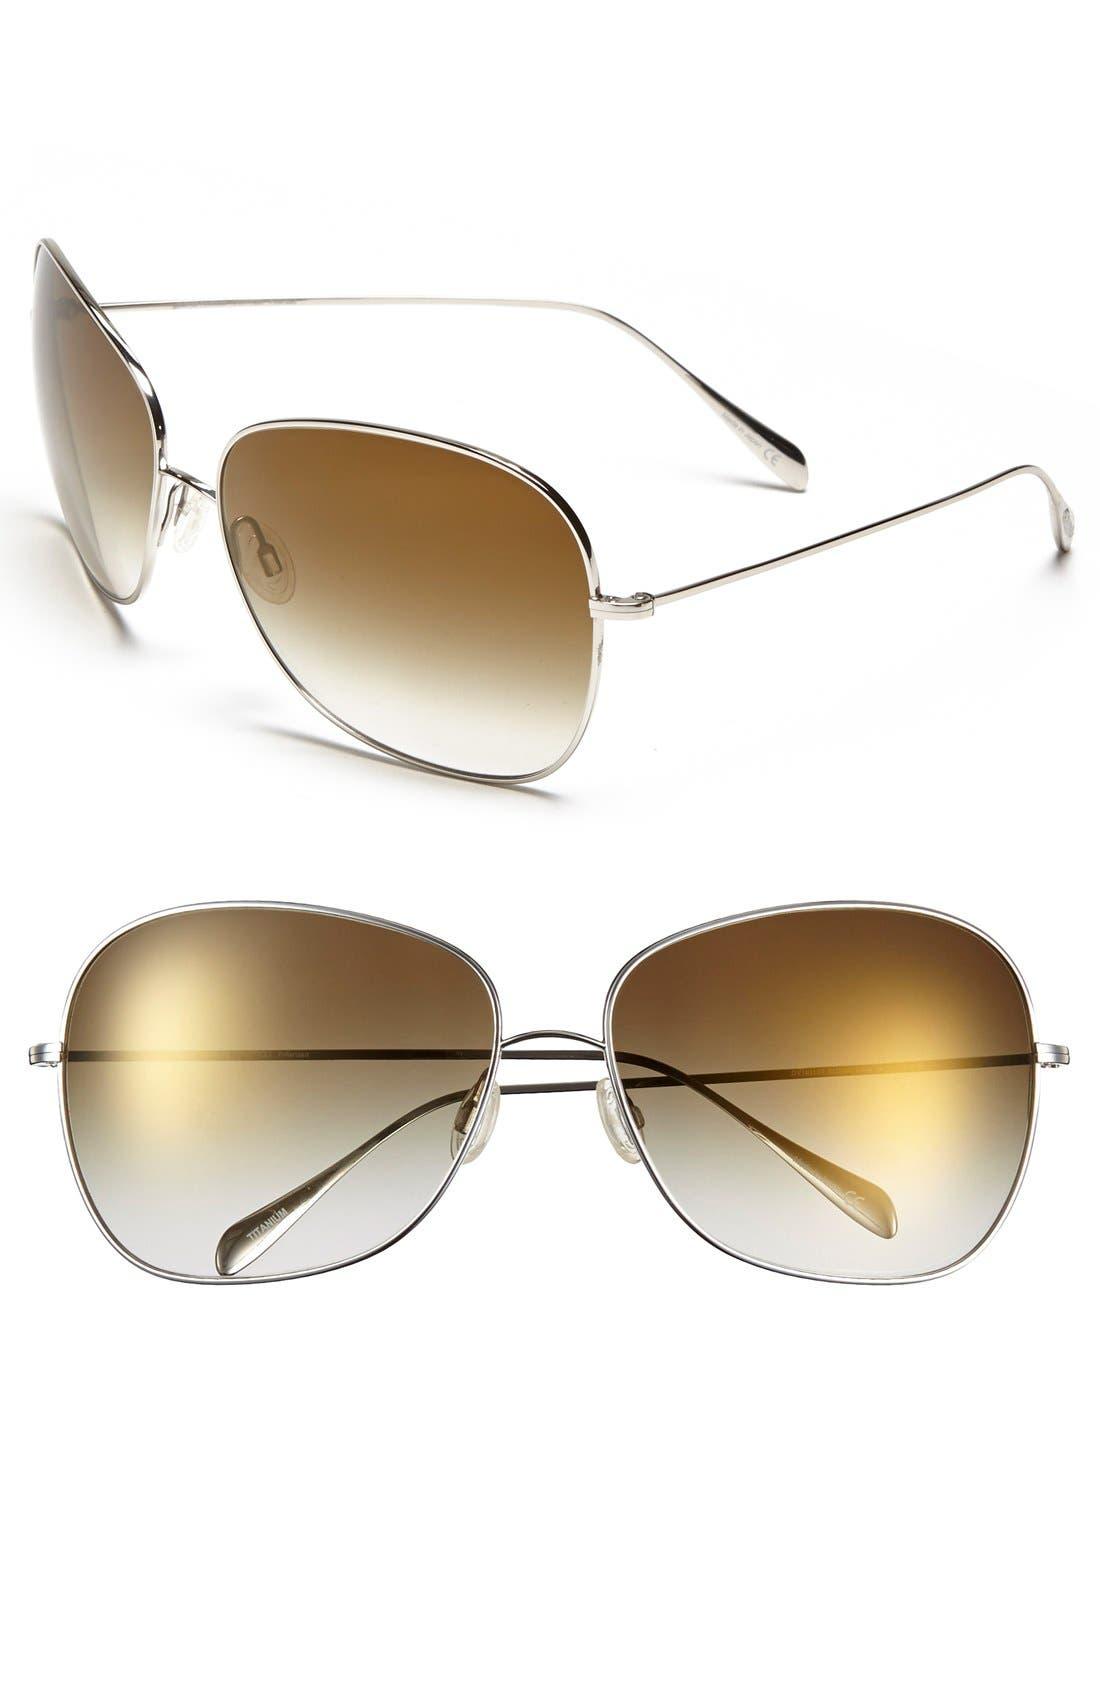 Main Image - Oliver Peoples Elsie 64mm Oversize Metal Sunglasses